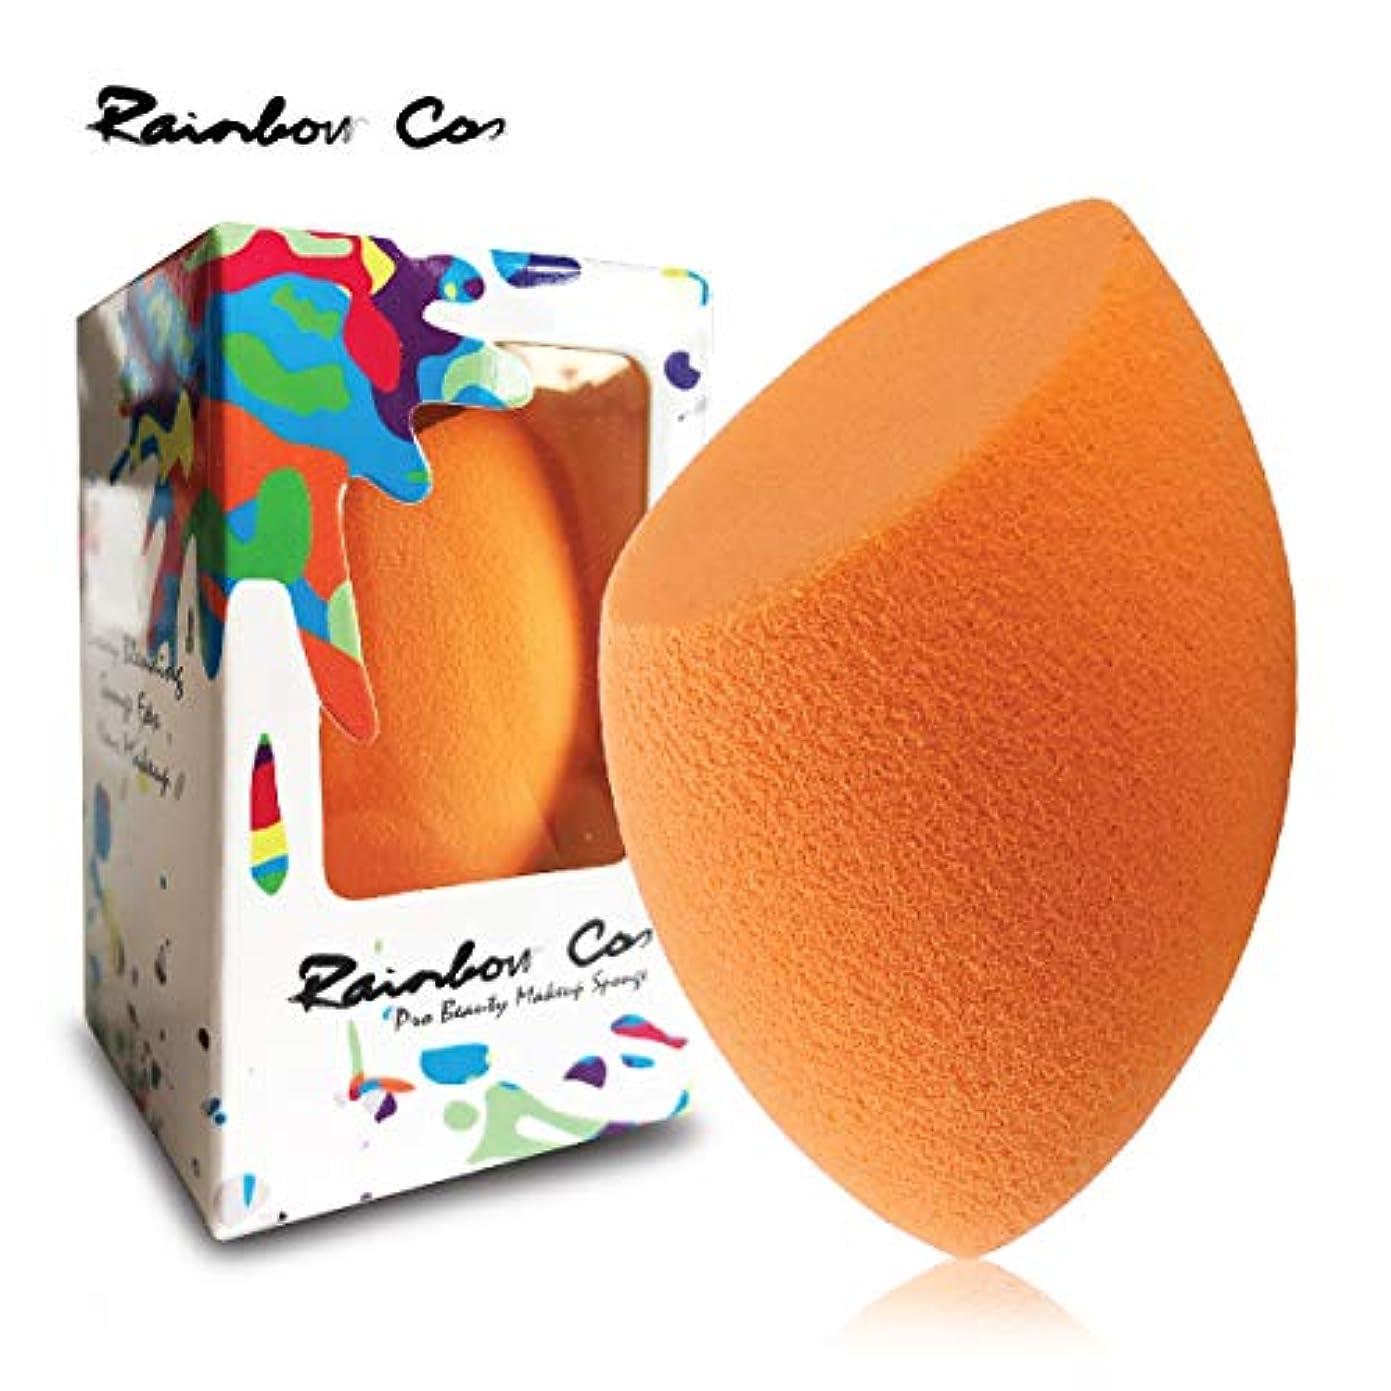 ディンカルビル腫瘍手を差し伸べるRainbow Cos Premium Flat Edge Olive Sponge Beauty Foundation Sponge Blender for Applicator, Foundation and Highlight...